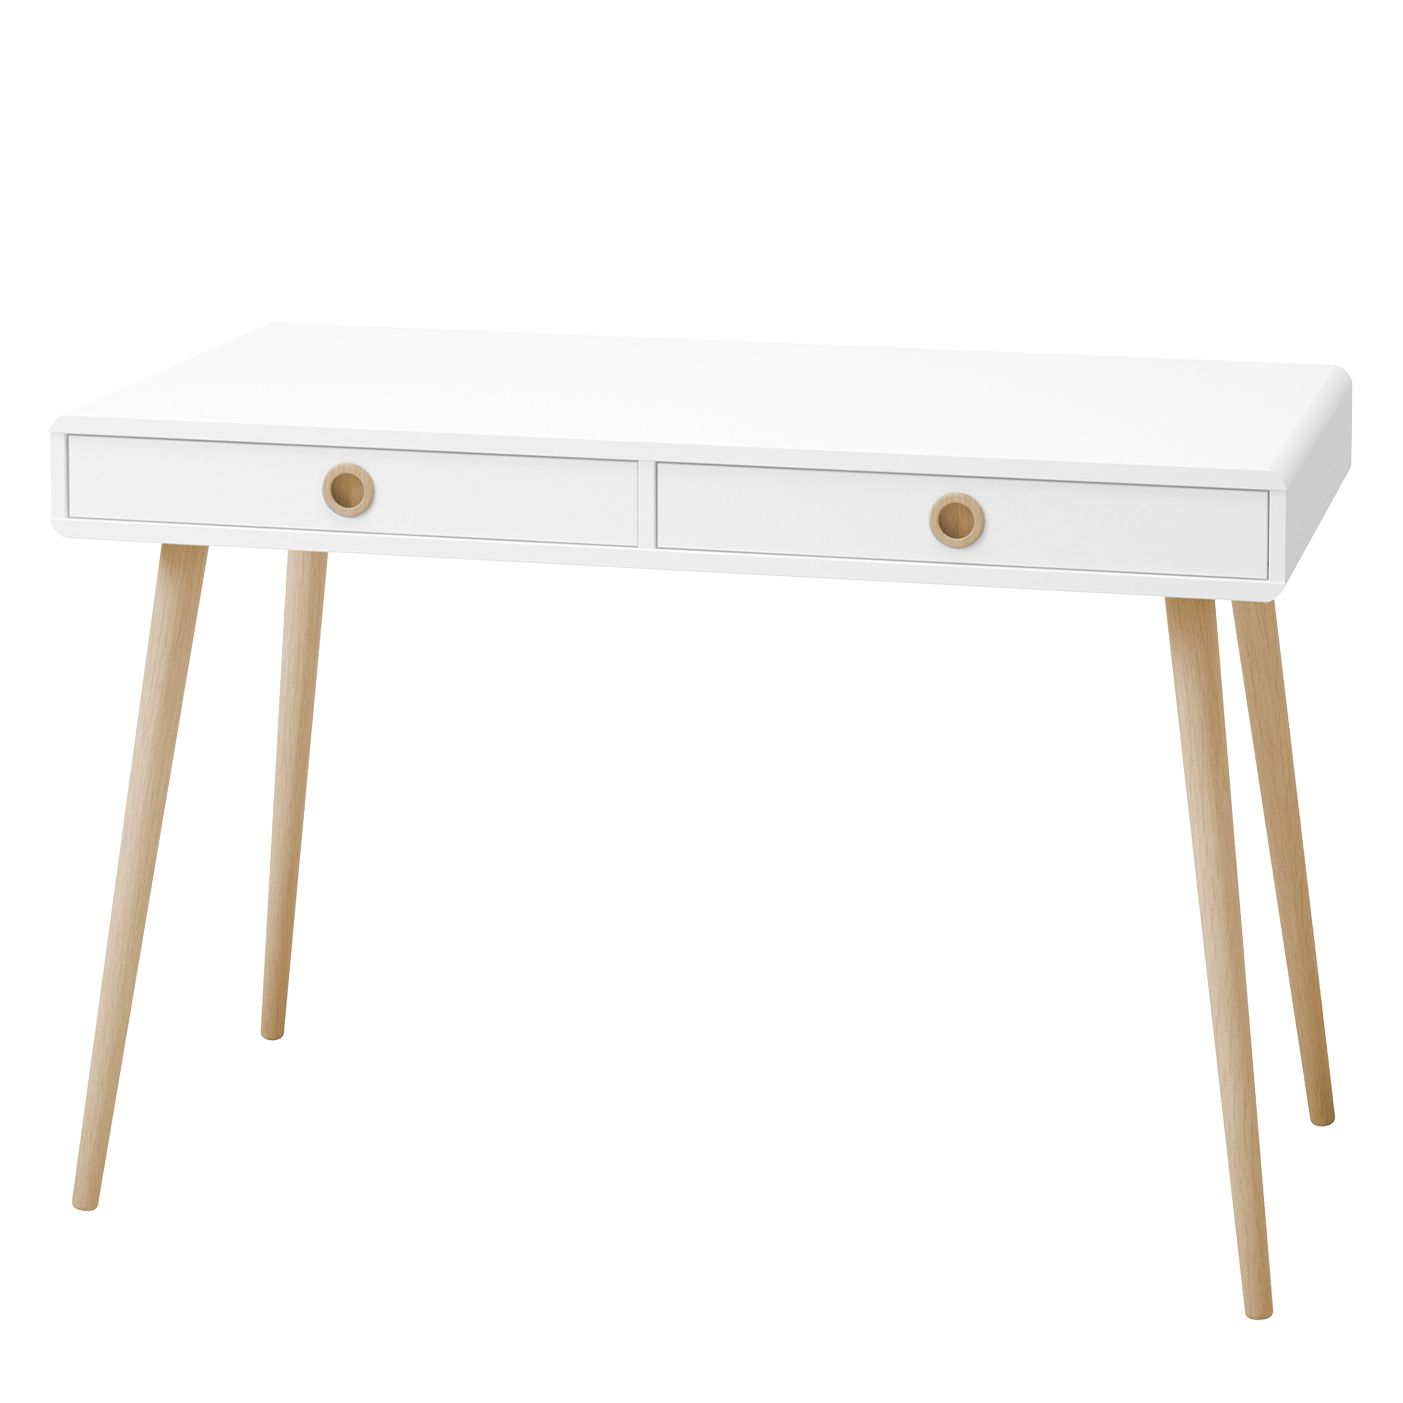 schreibtisch janos eiche teilmassiv wei eiche 114 x 57 cm steens jetzt bestellen. Black Bedroom Furniture Sets. Home Design Ideas